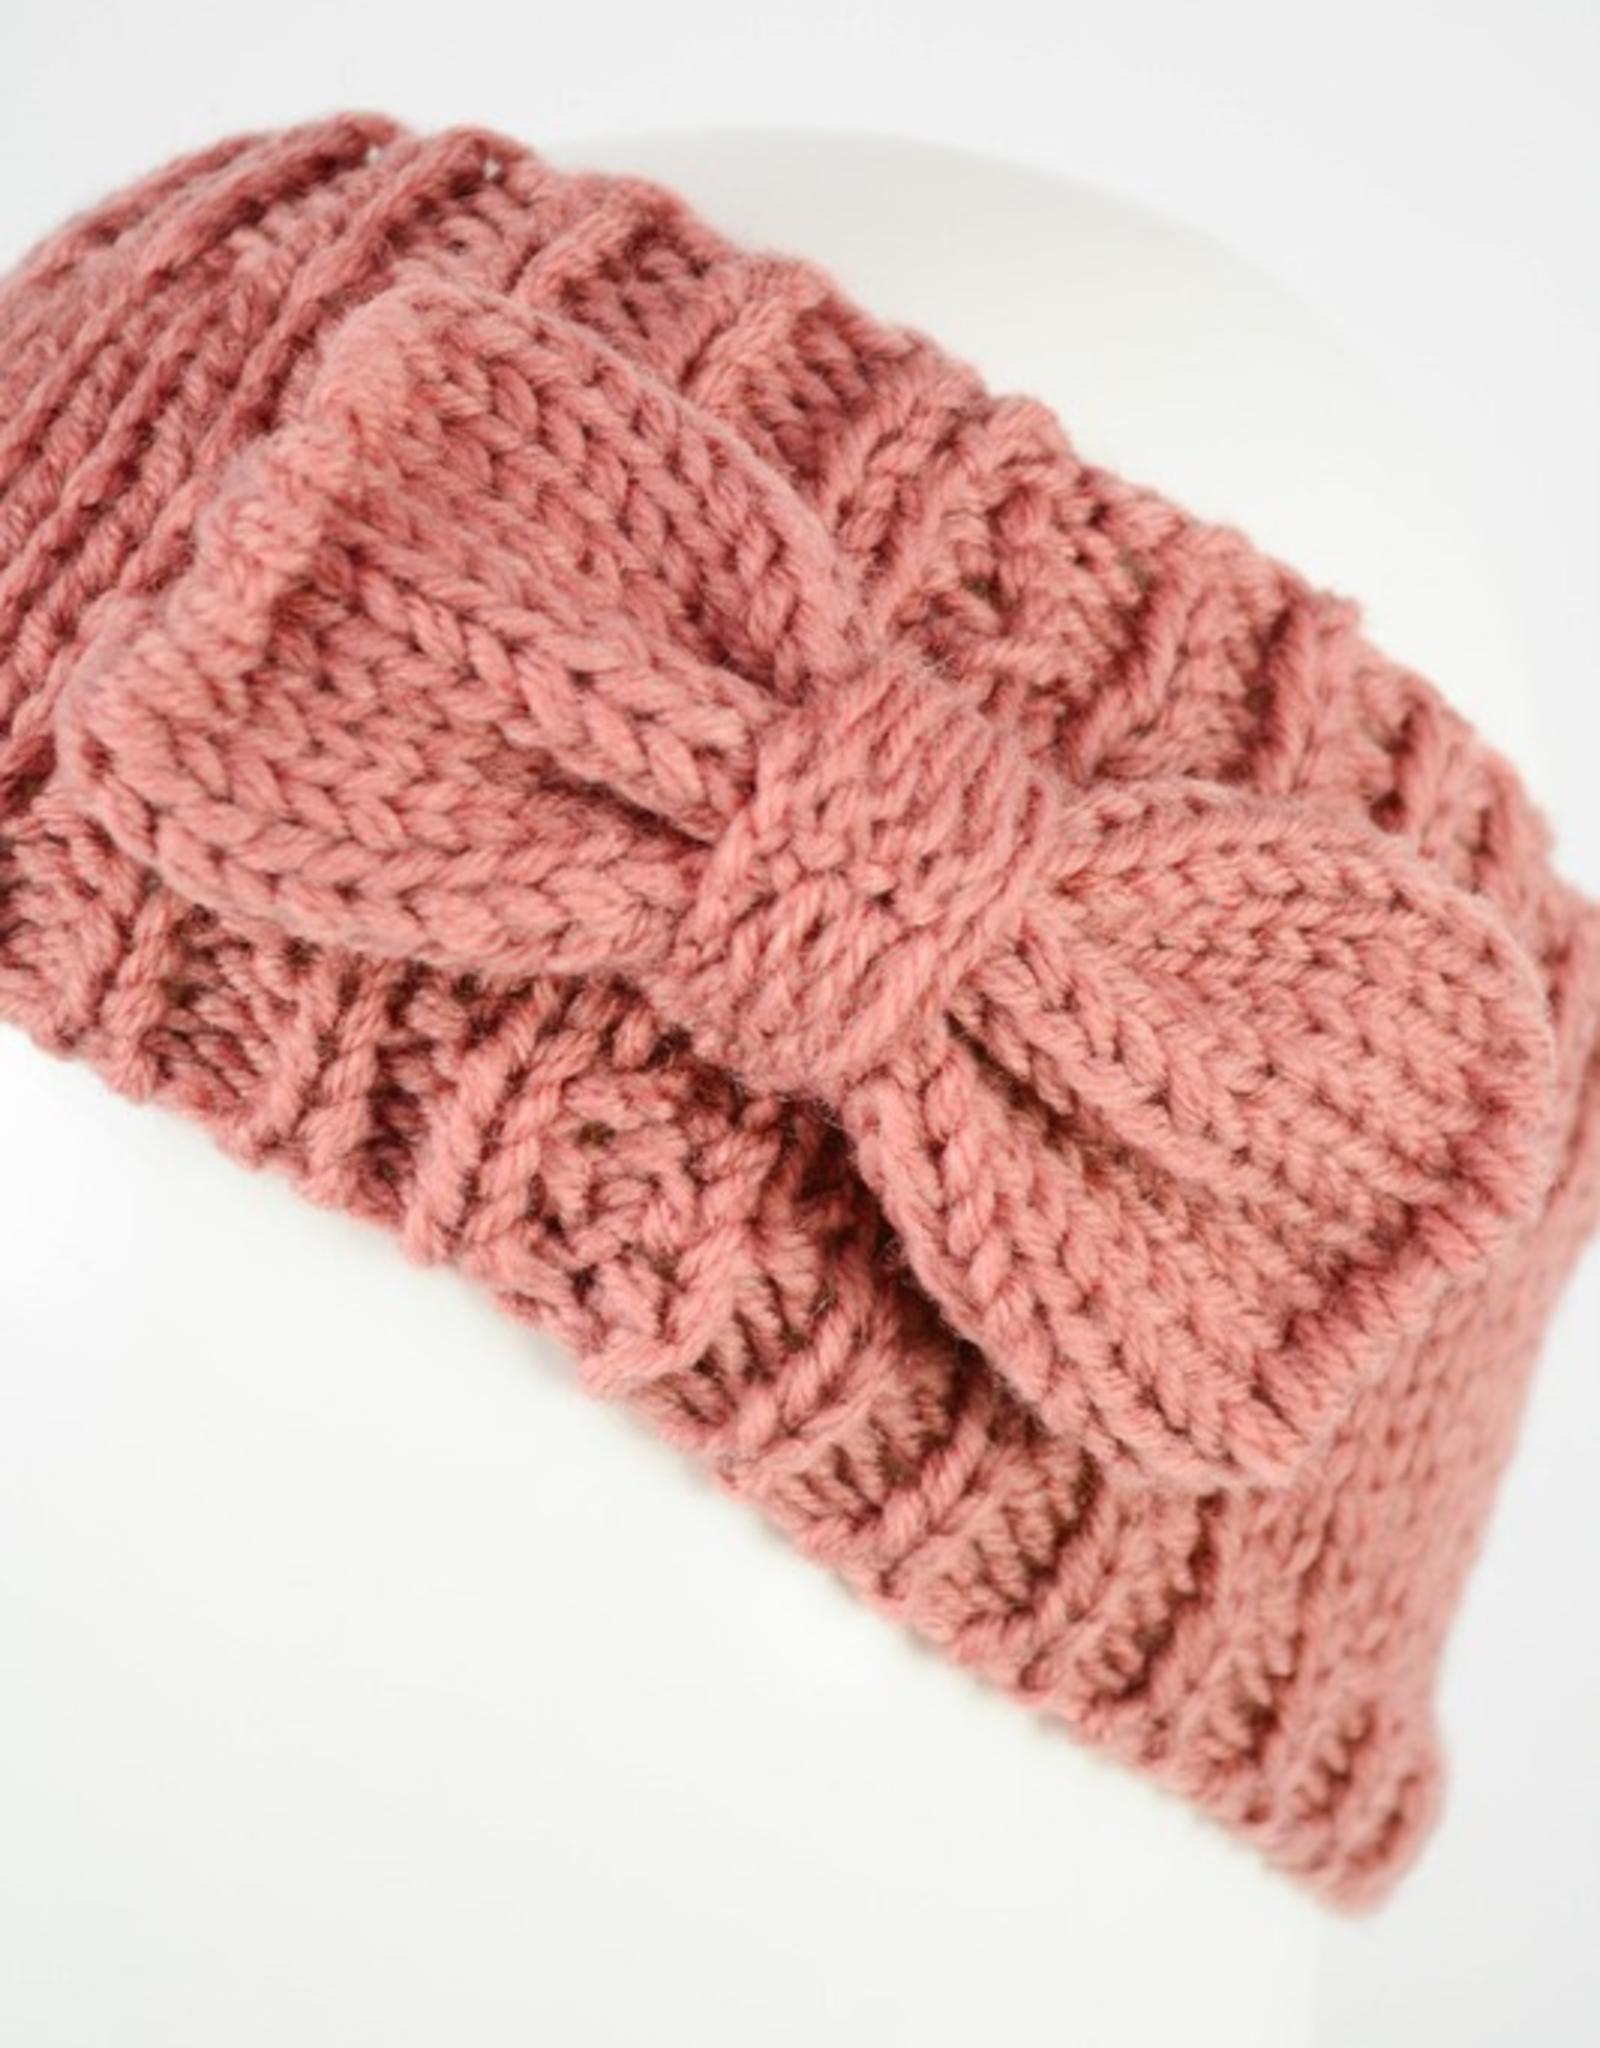 J Marcel Knit Headband with Bow